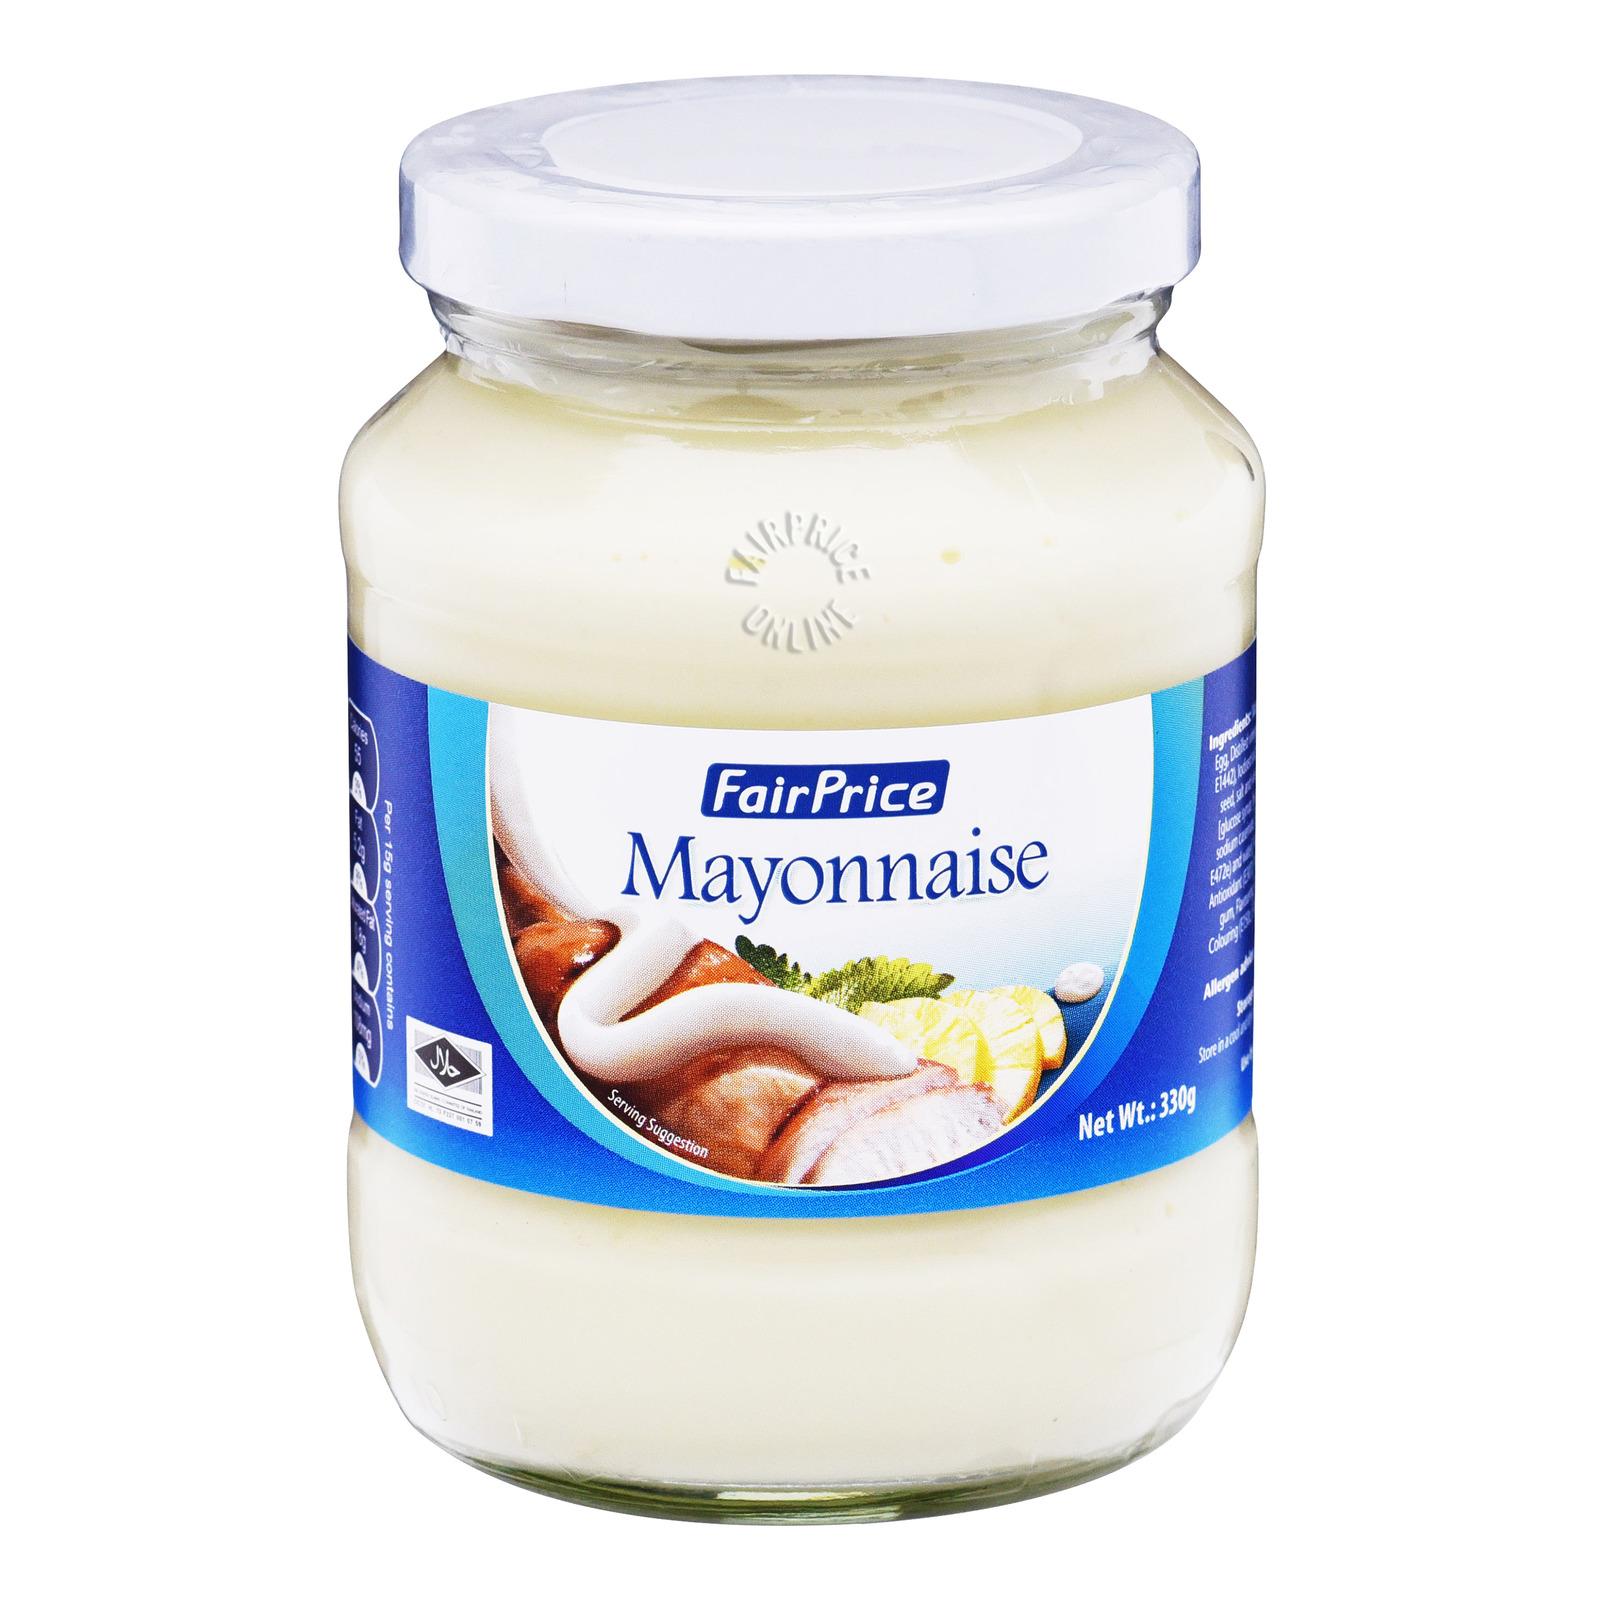 FairPrice Mayonnaise Jar